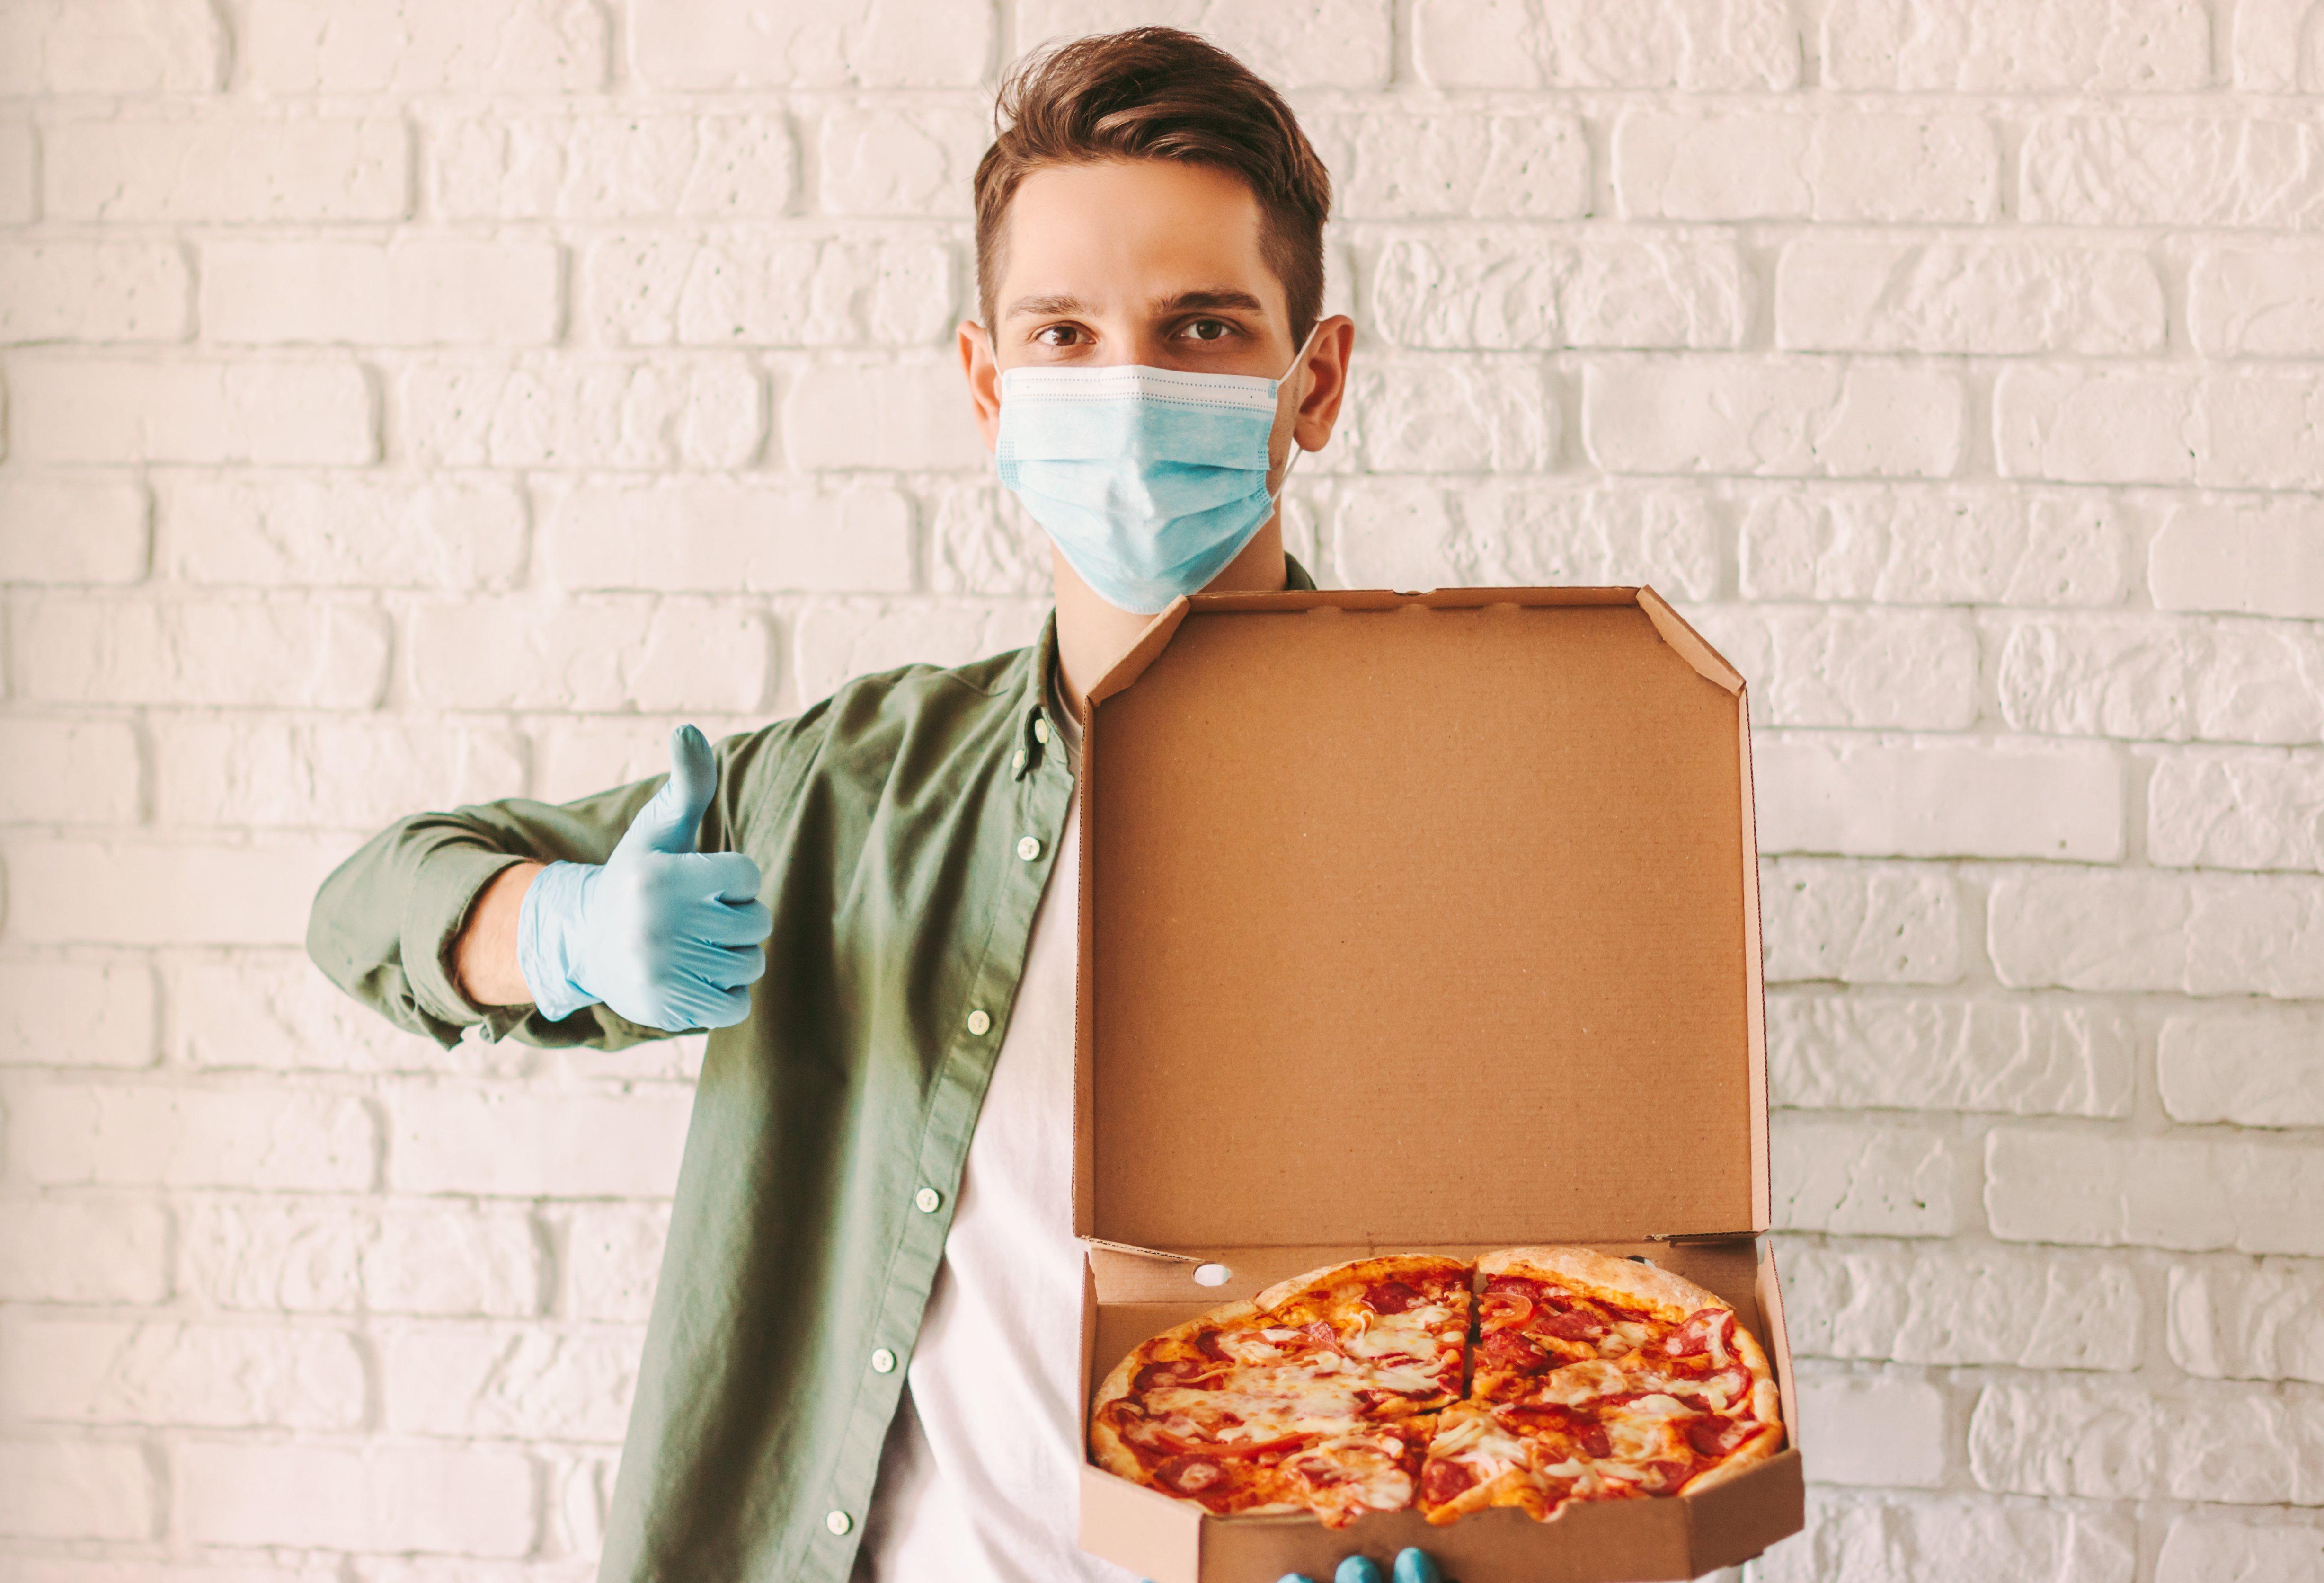 El trabajador del servicio de entrega de pizza de un hombre hipster con mascarilla médica y guantes sostienen una caja de cartón en la mano y muestran gesto de pulgar arriba.